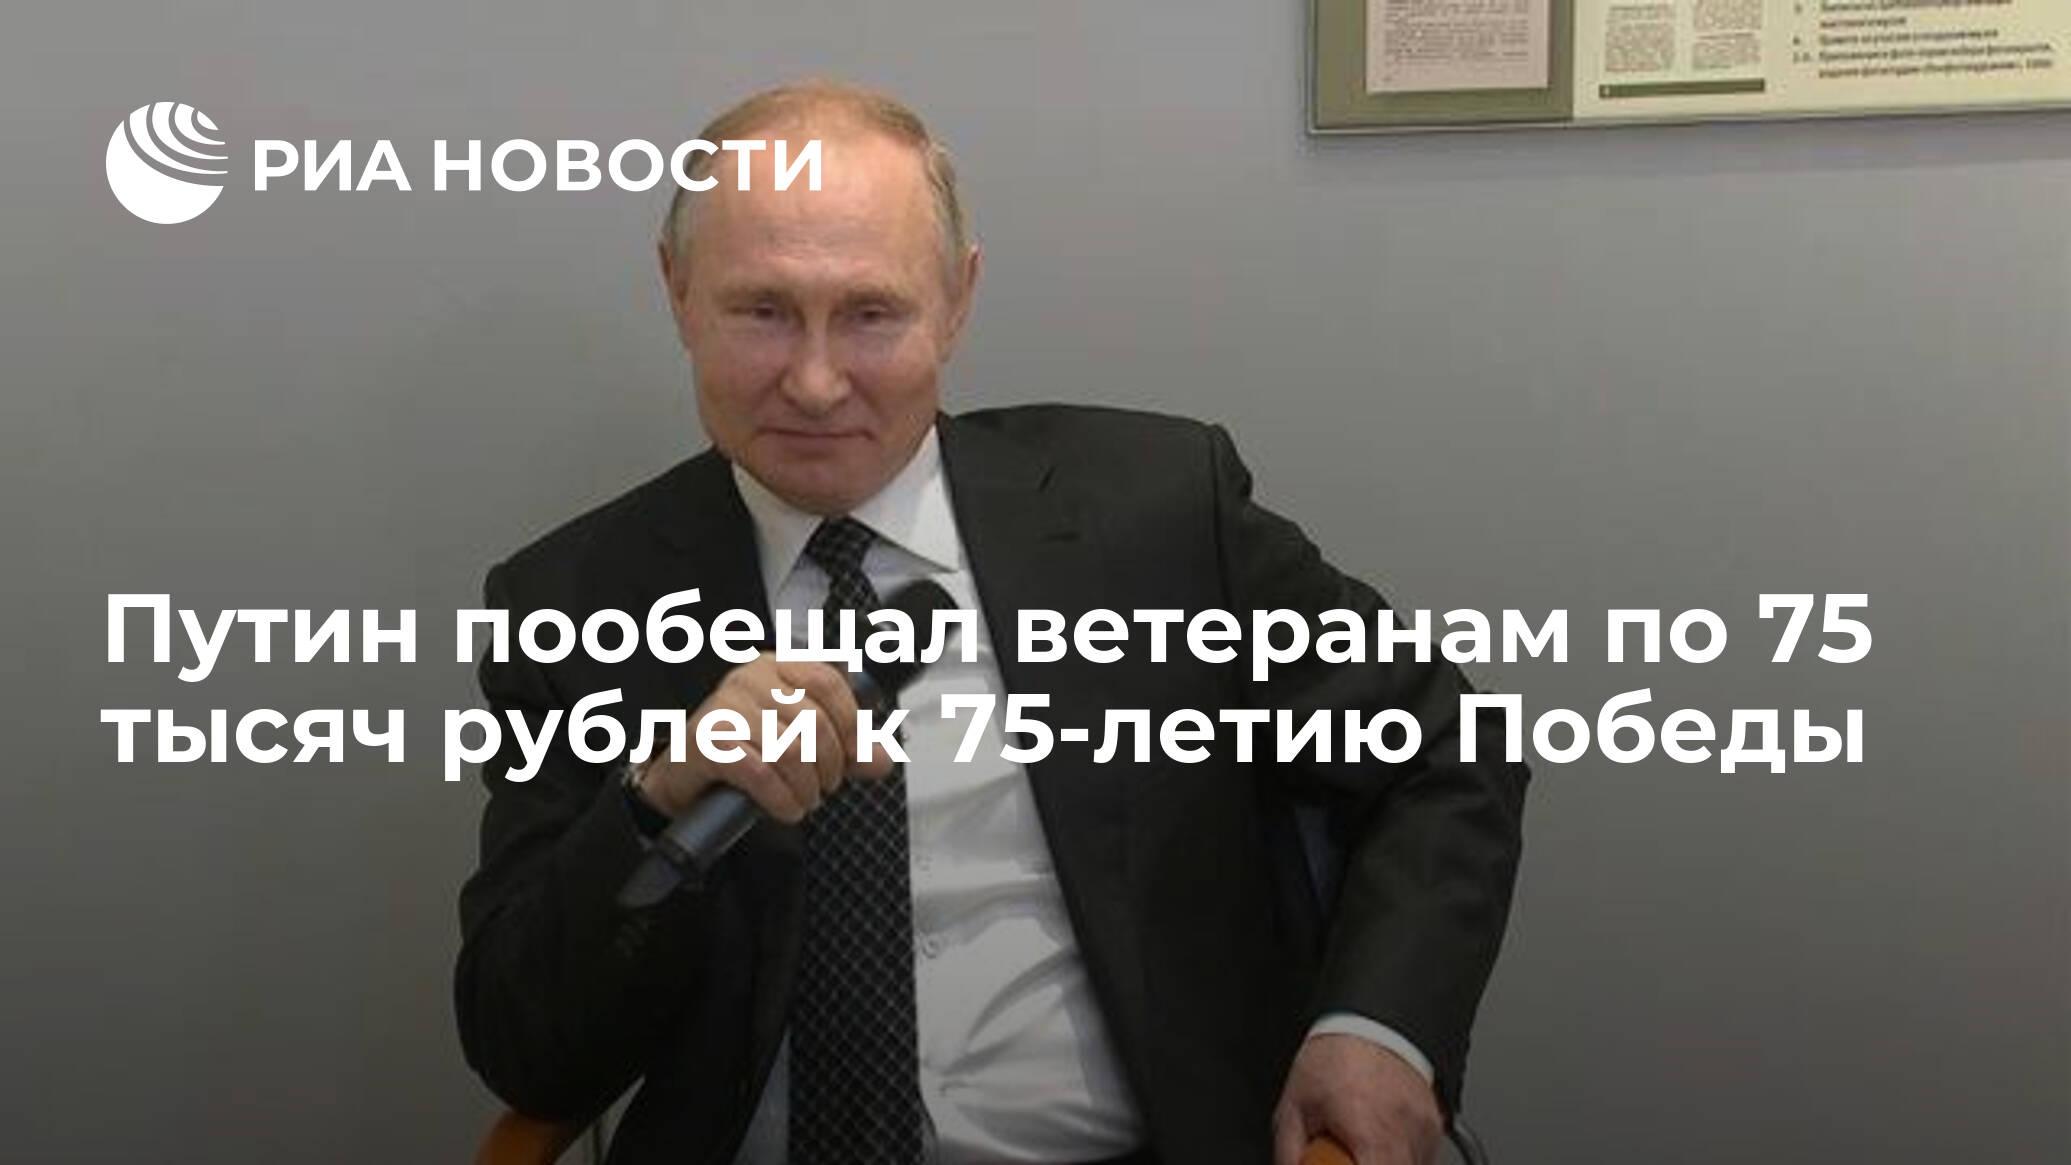 Путин: ветеранам ко Дню Победы выплатят по 75 тысяч рублей